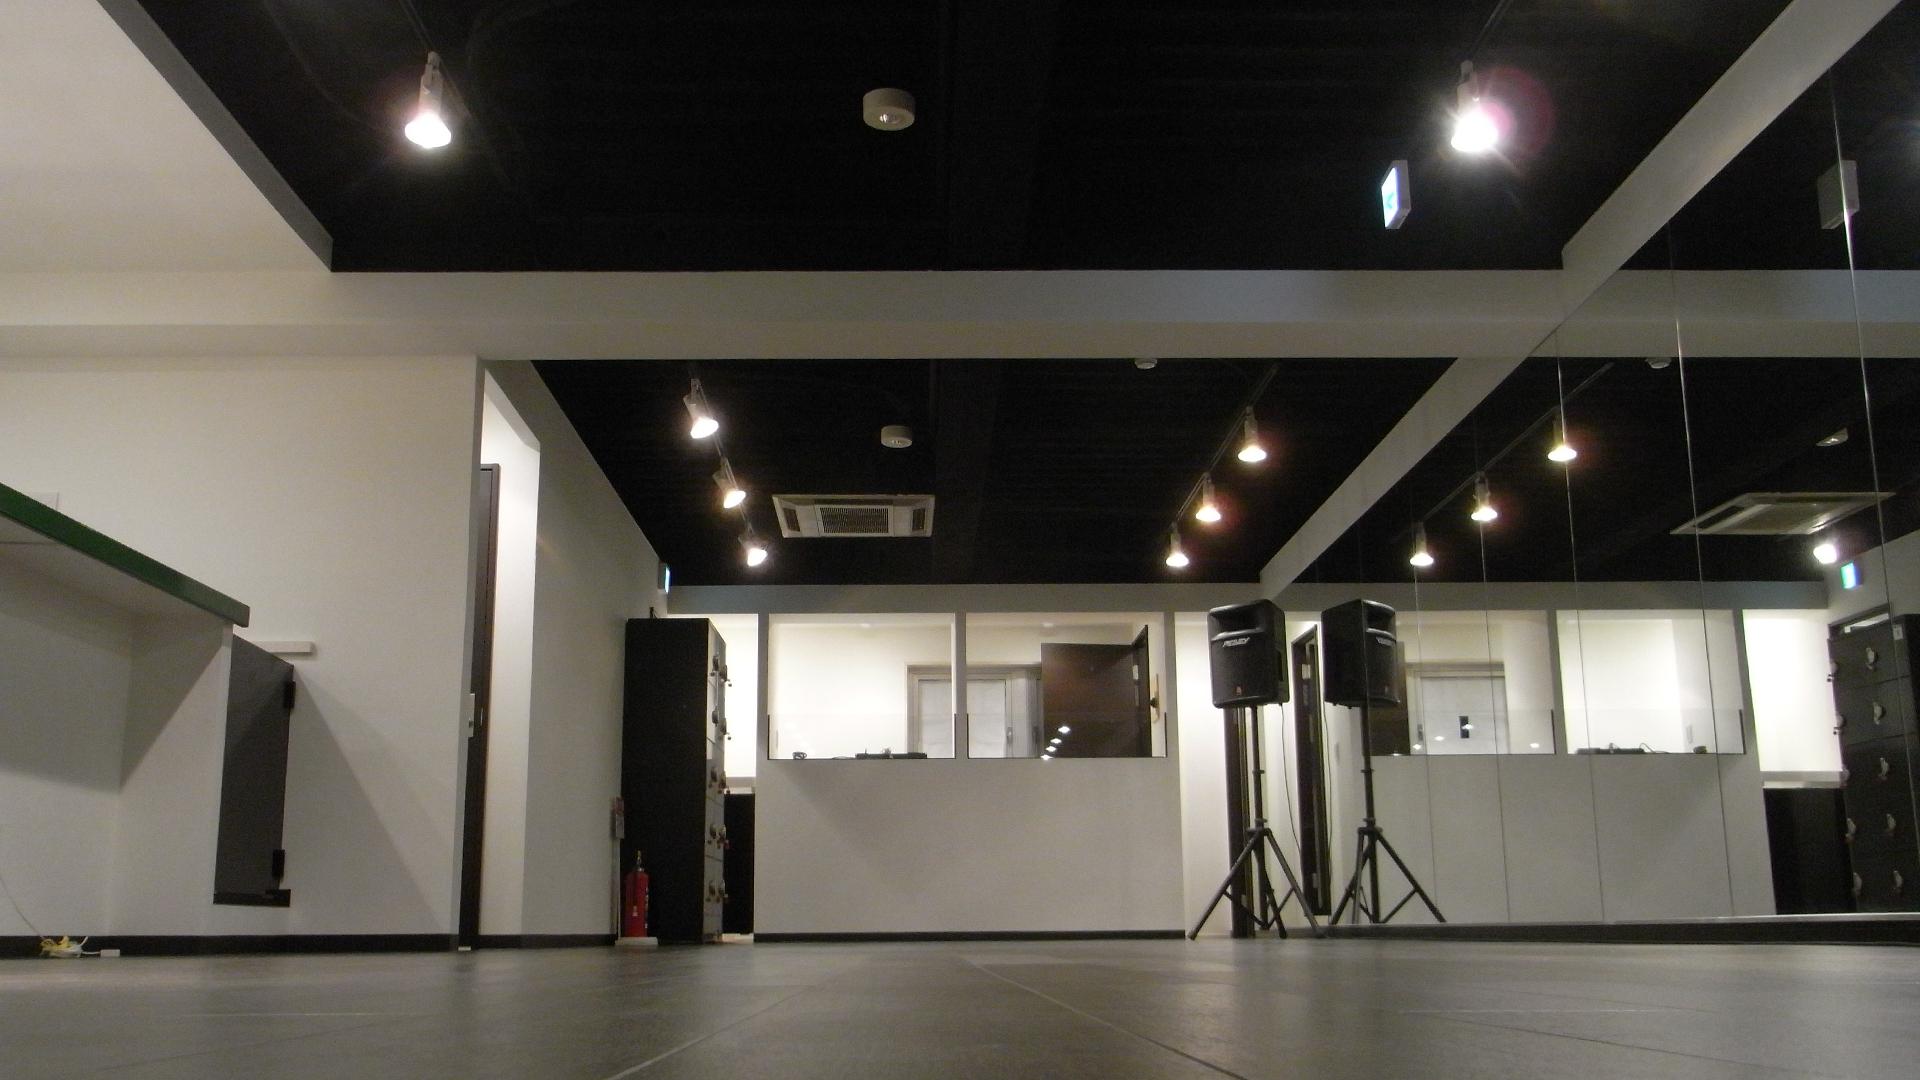 ダンススタジオフランチャイズ施工後